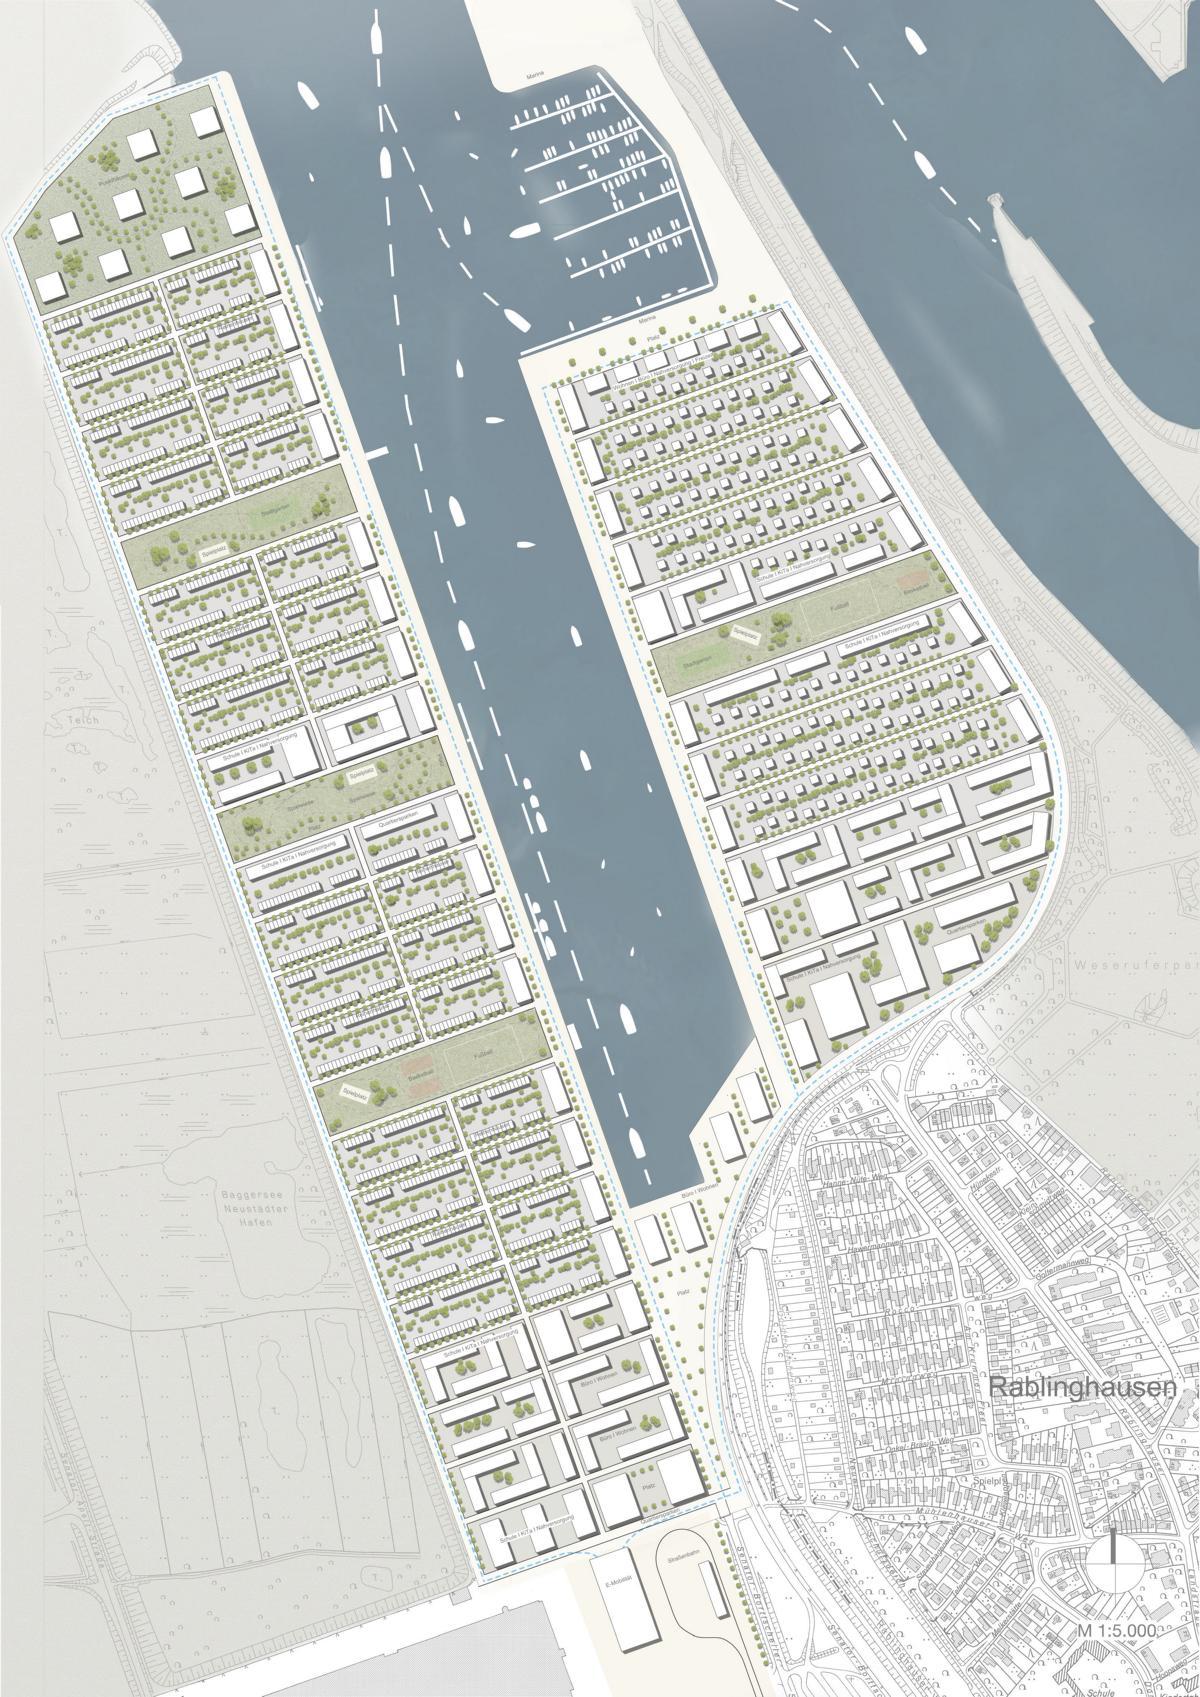 Modell Lageplan Neustädter Hafen